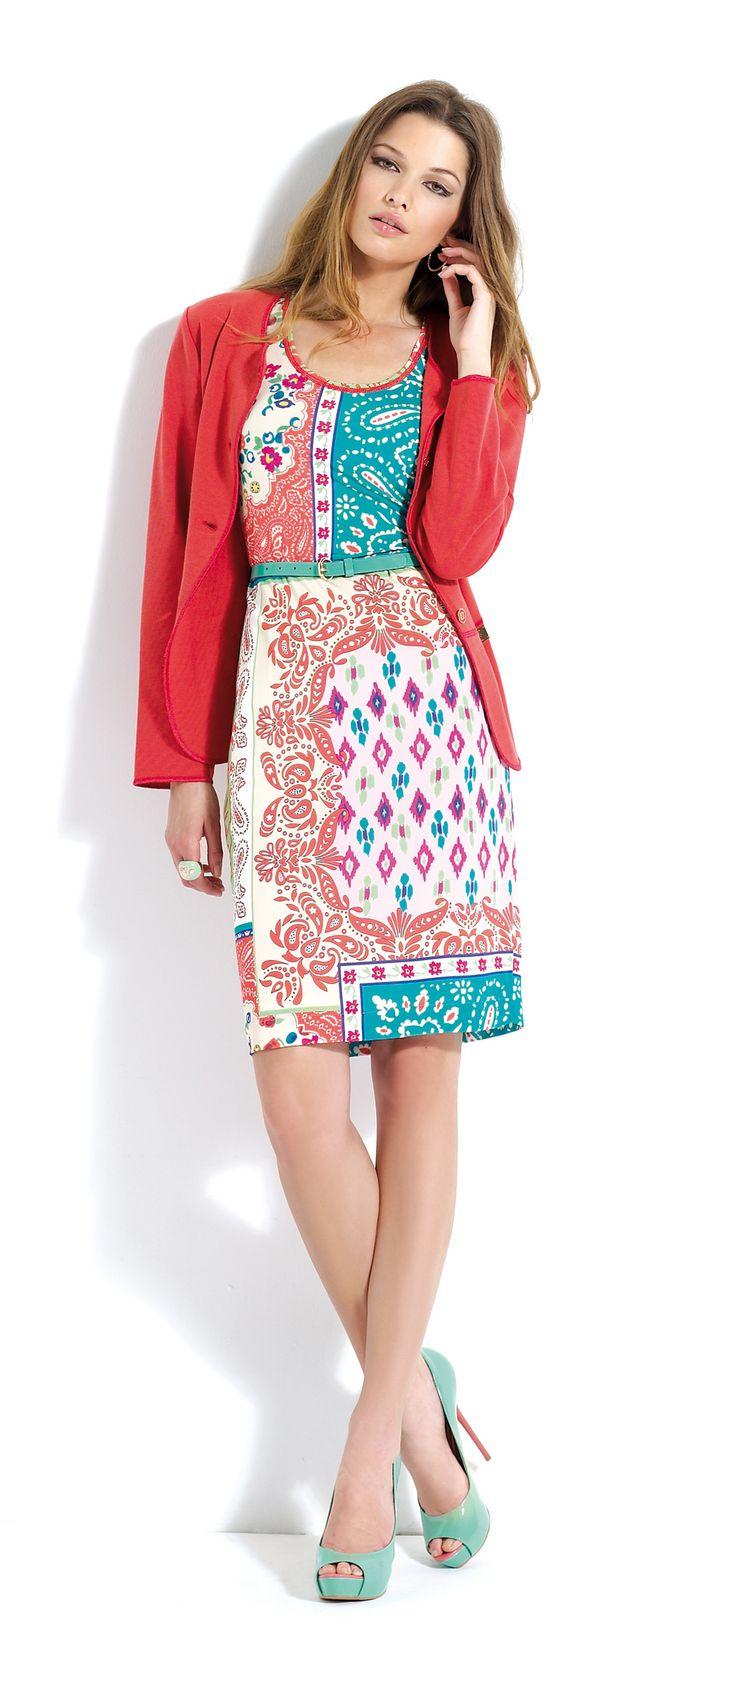 Vestido con #estampado y rebeca a juego #dress #cardigan #midi #trend #summer